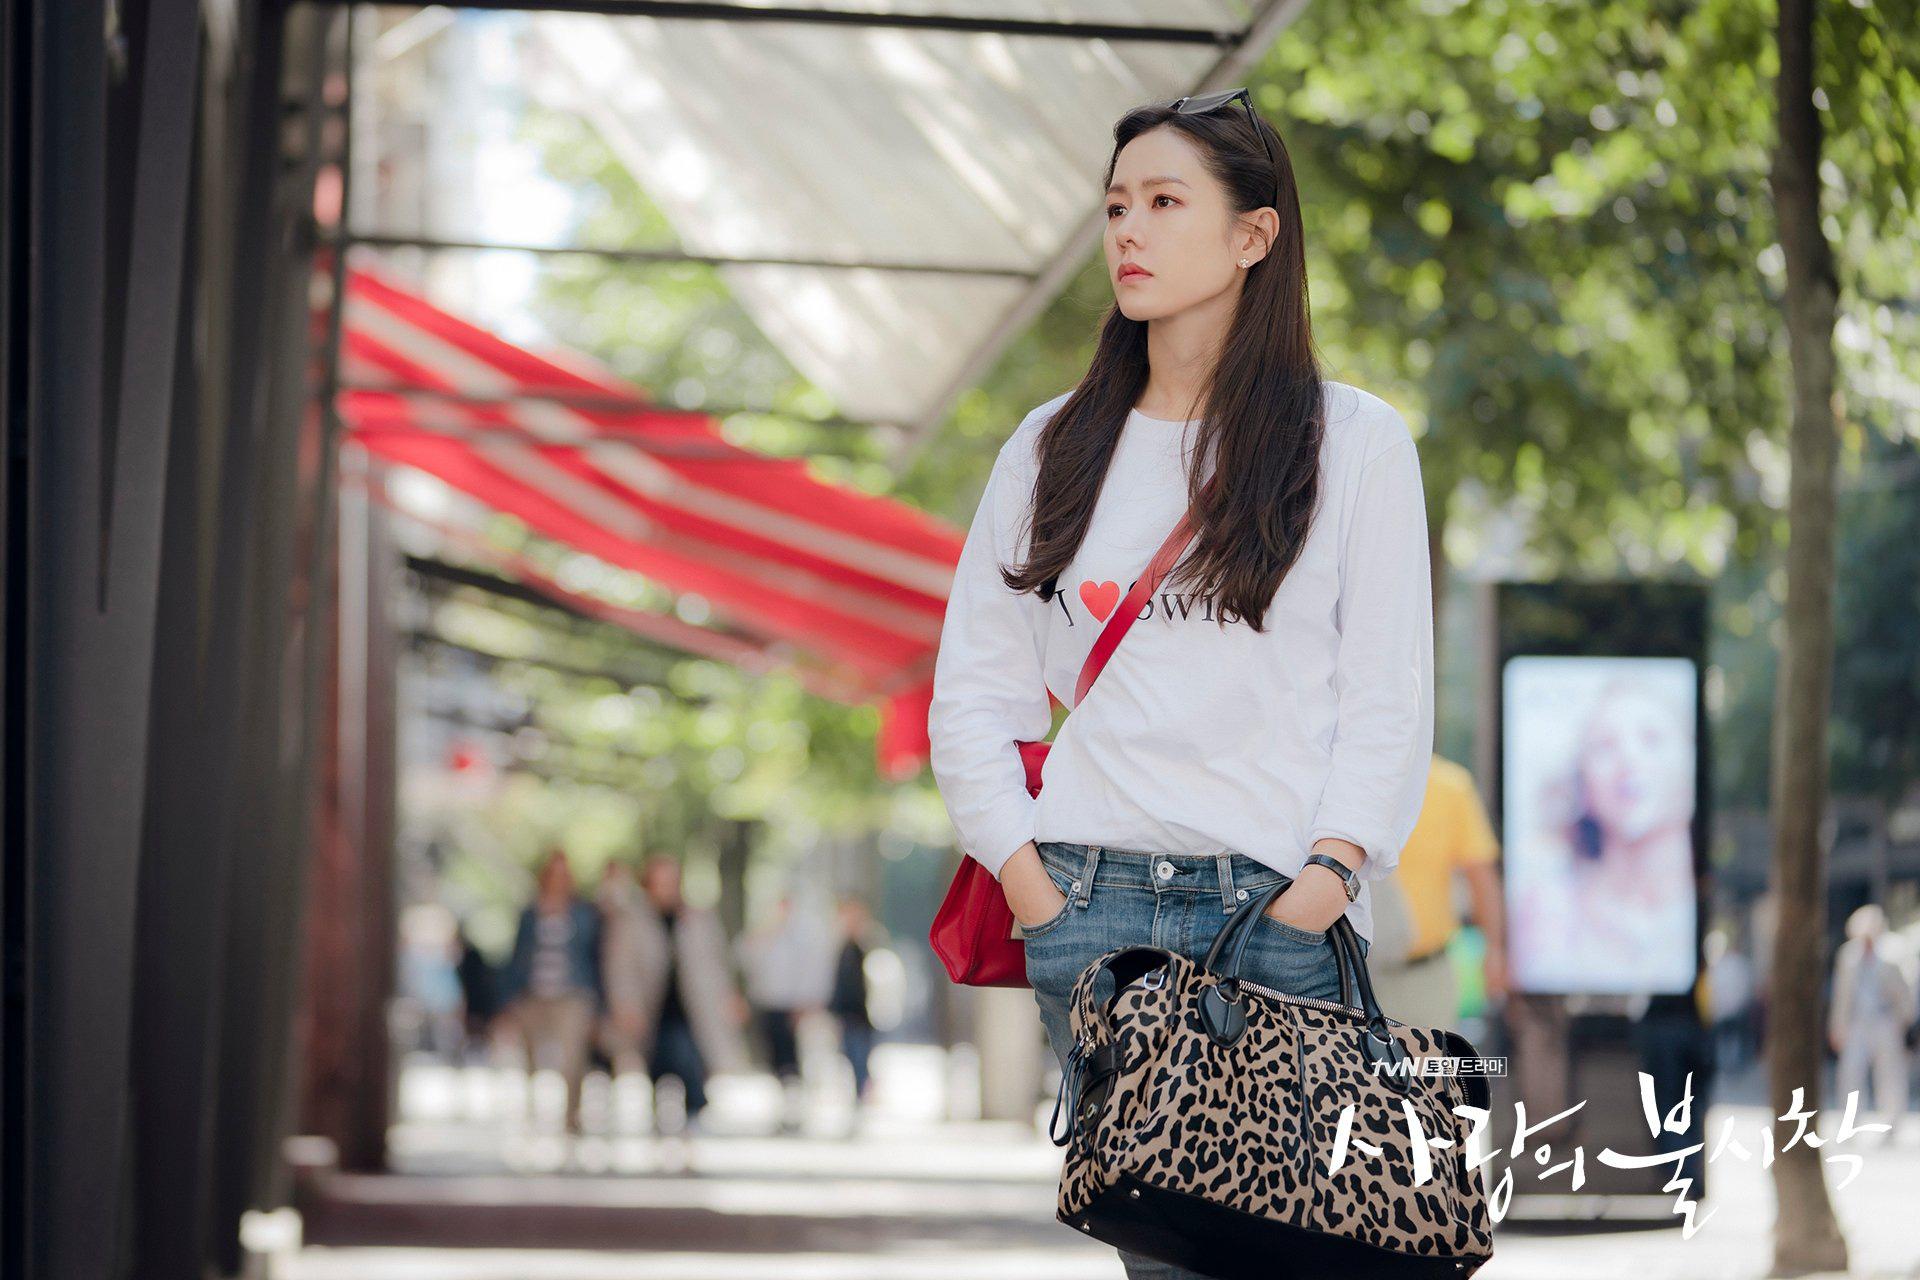 """Nhan sắc U40 của Son Ye Jin trong """"Hạ cánh nơi anh"""": Bí mật bây giờ mới được bật mí - Ảnh 6."""